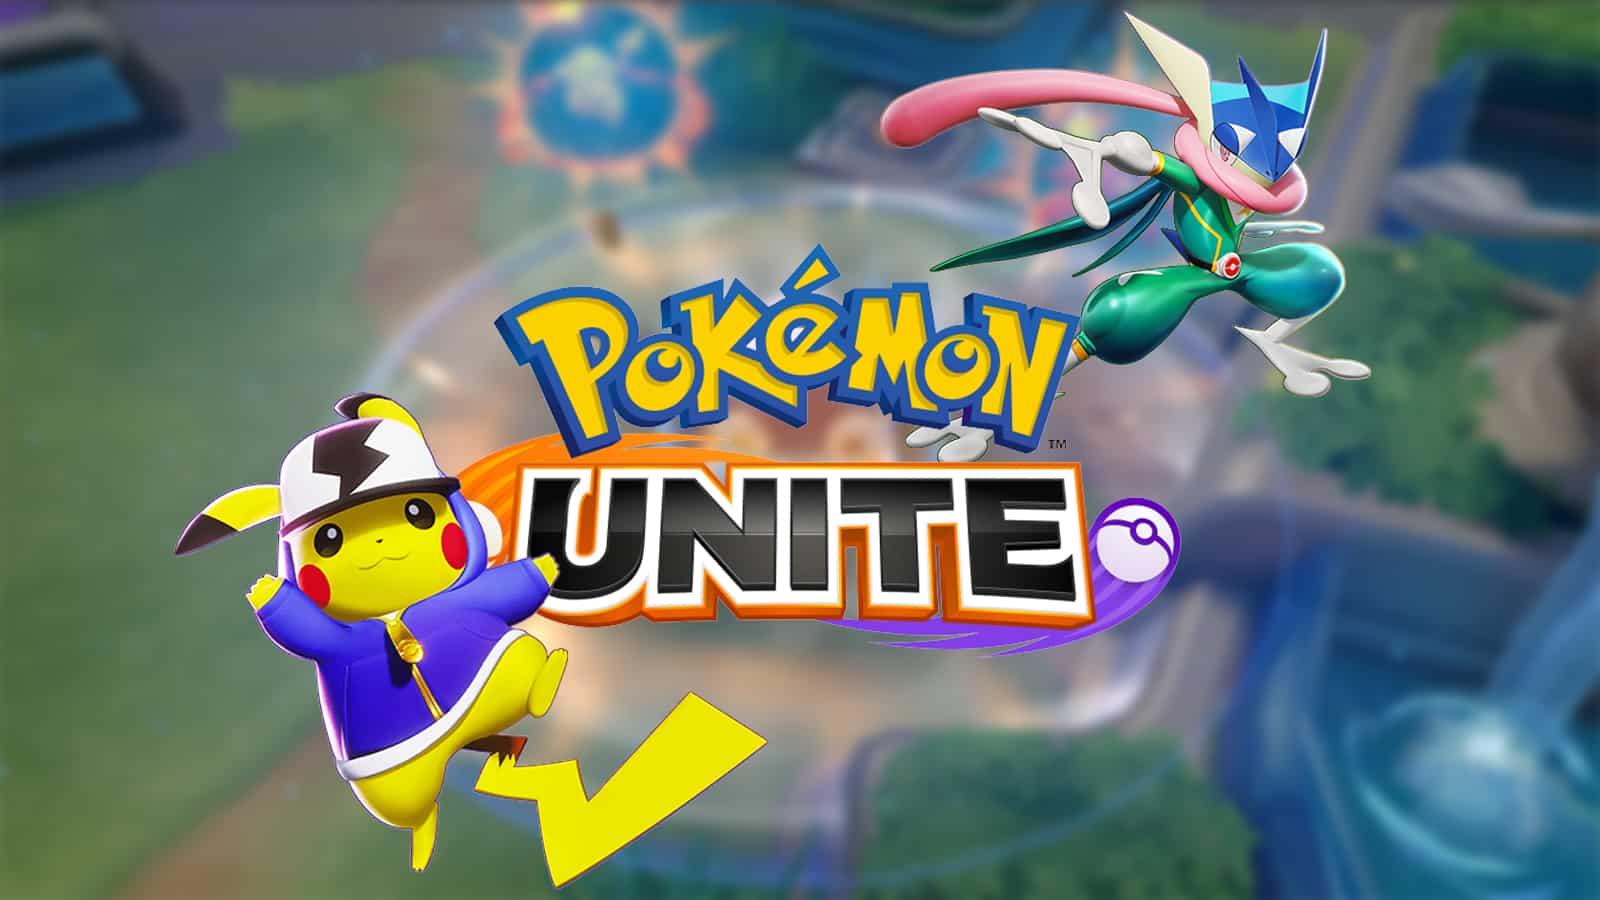 Pokemon-Unite-squirtle-release-date